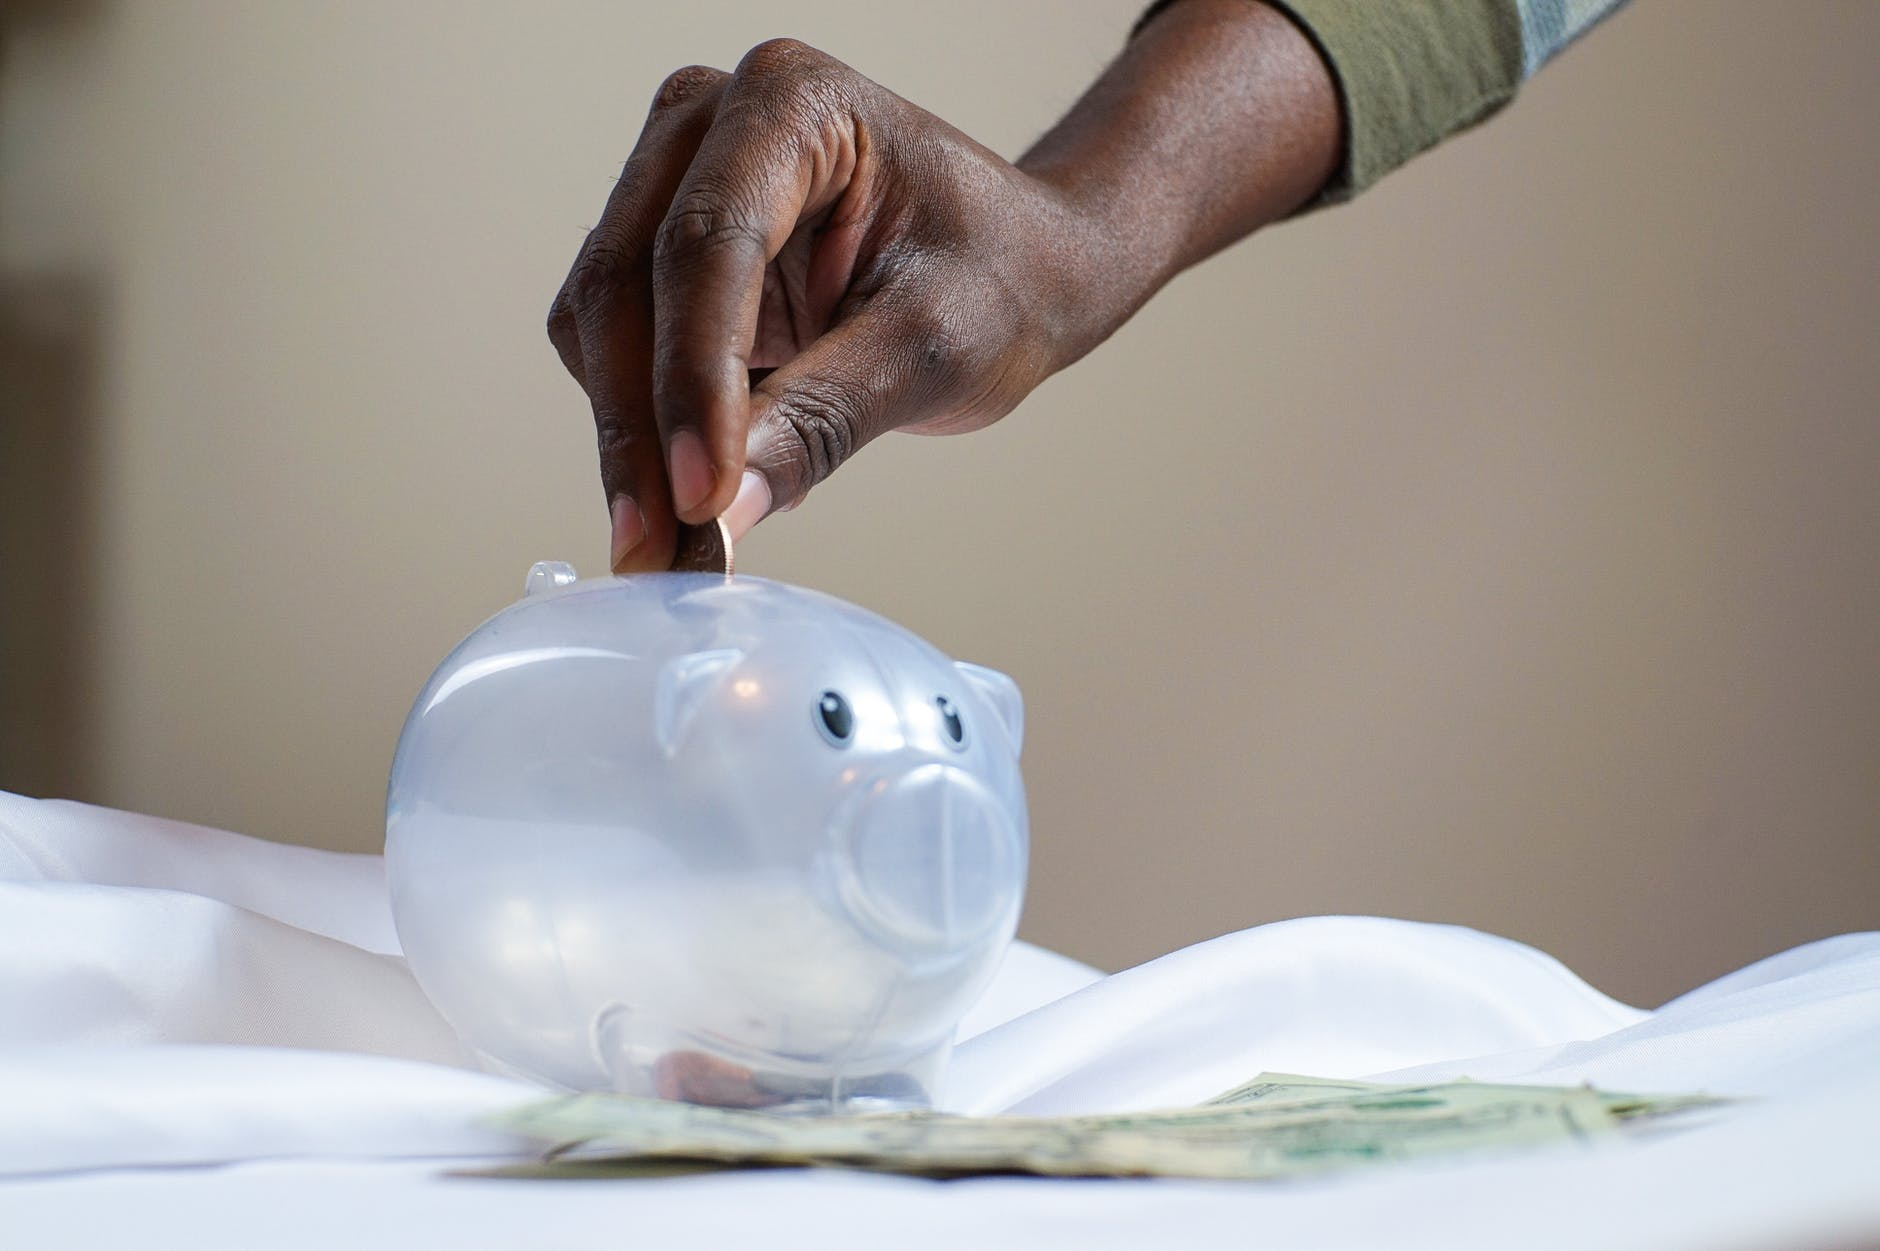 Viktigt att tänka på när du sparar pengar på ett sparkonto